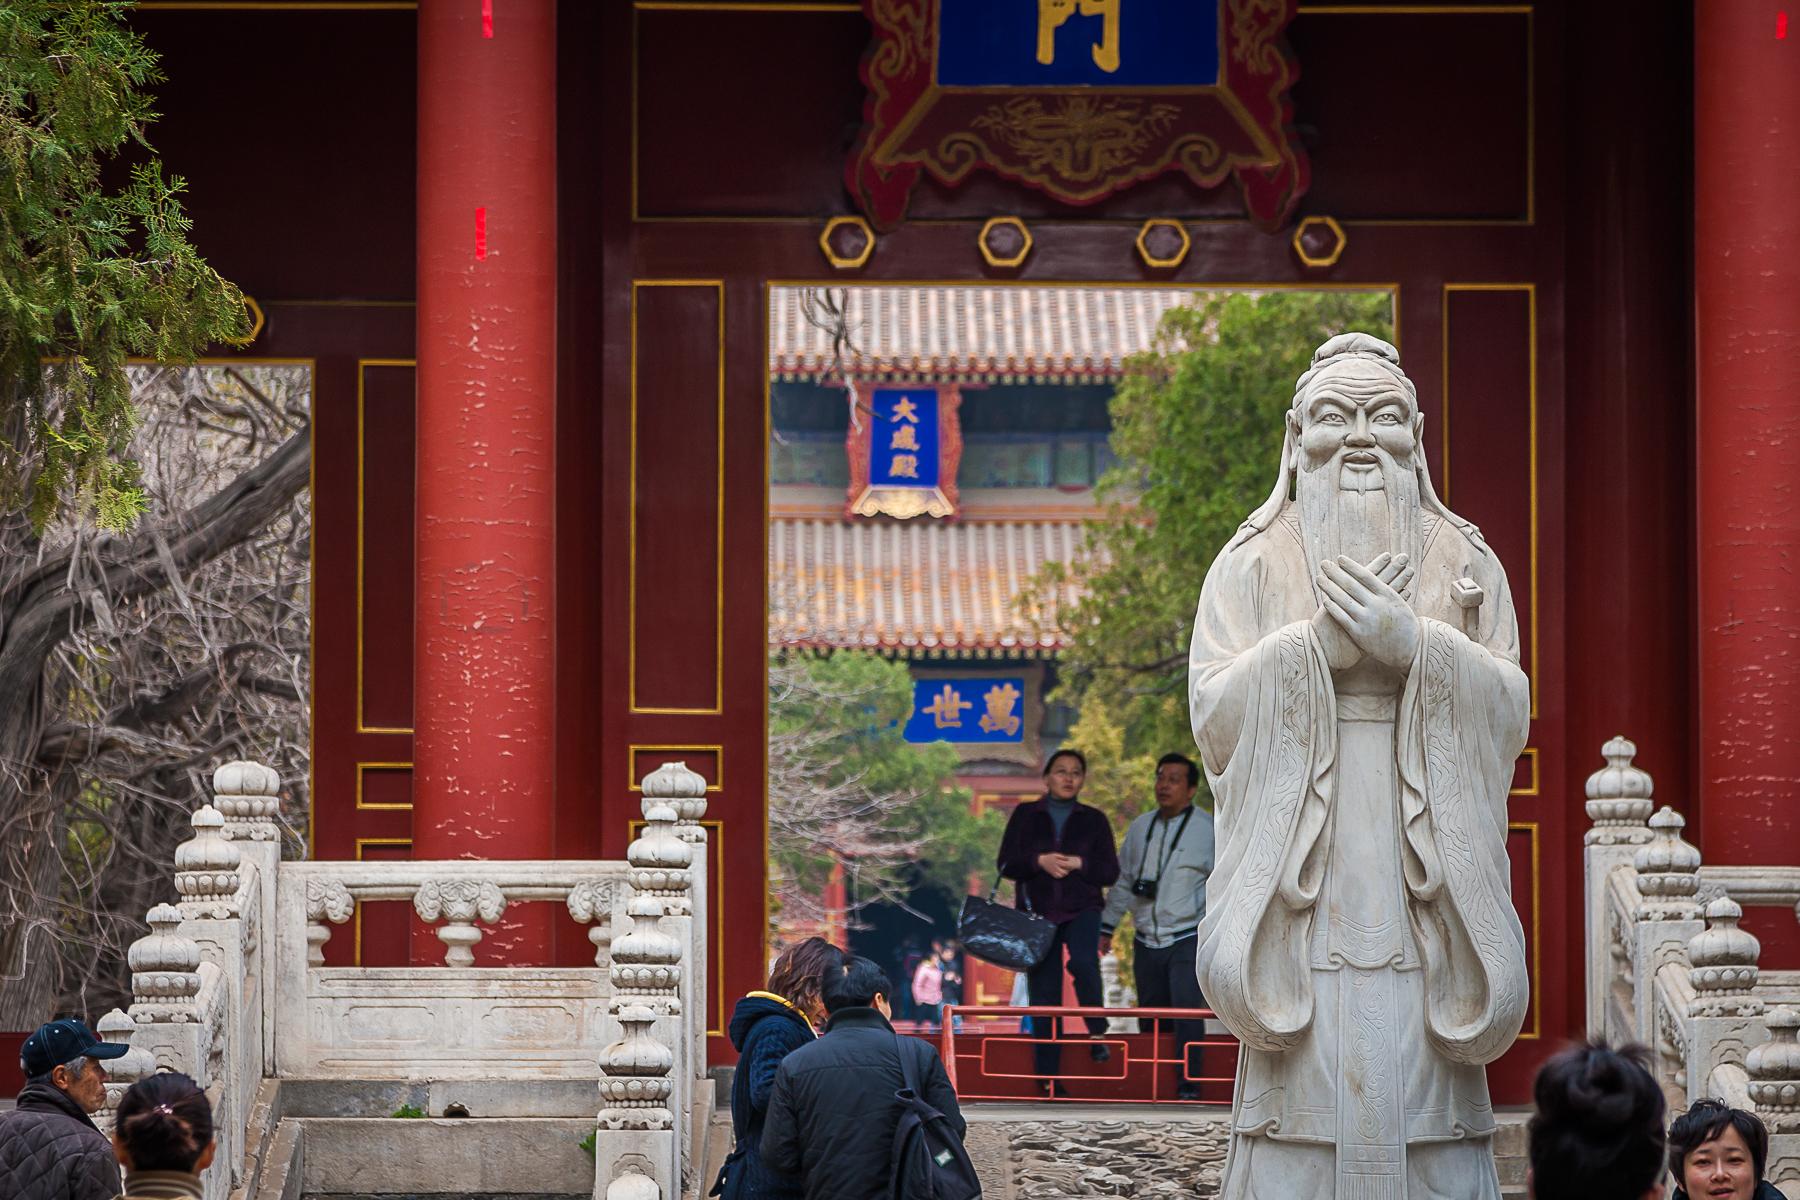 templeofconfuciusbeijing-1.jpg